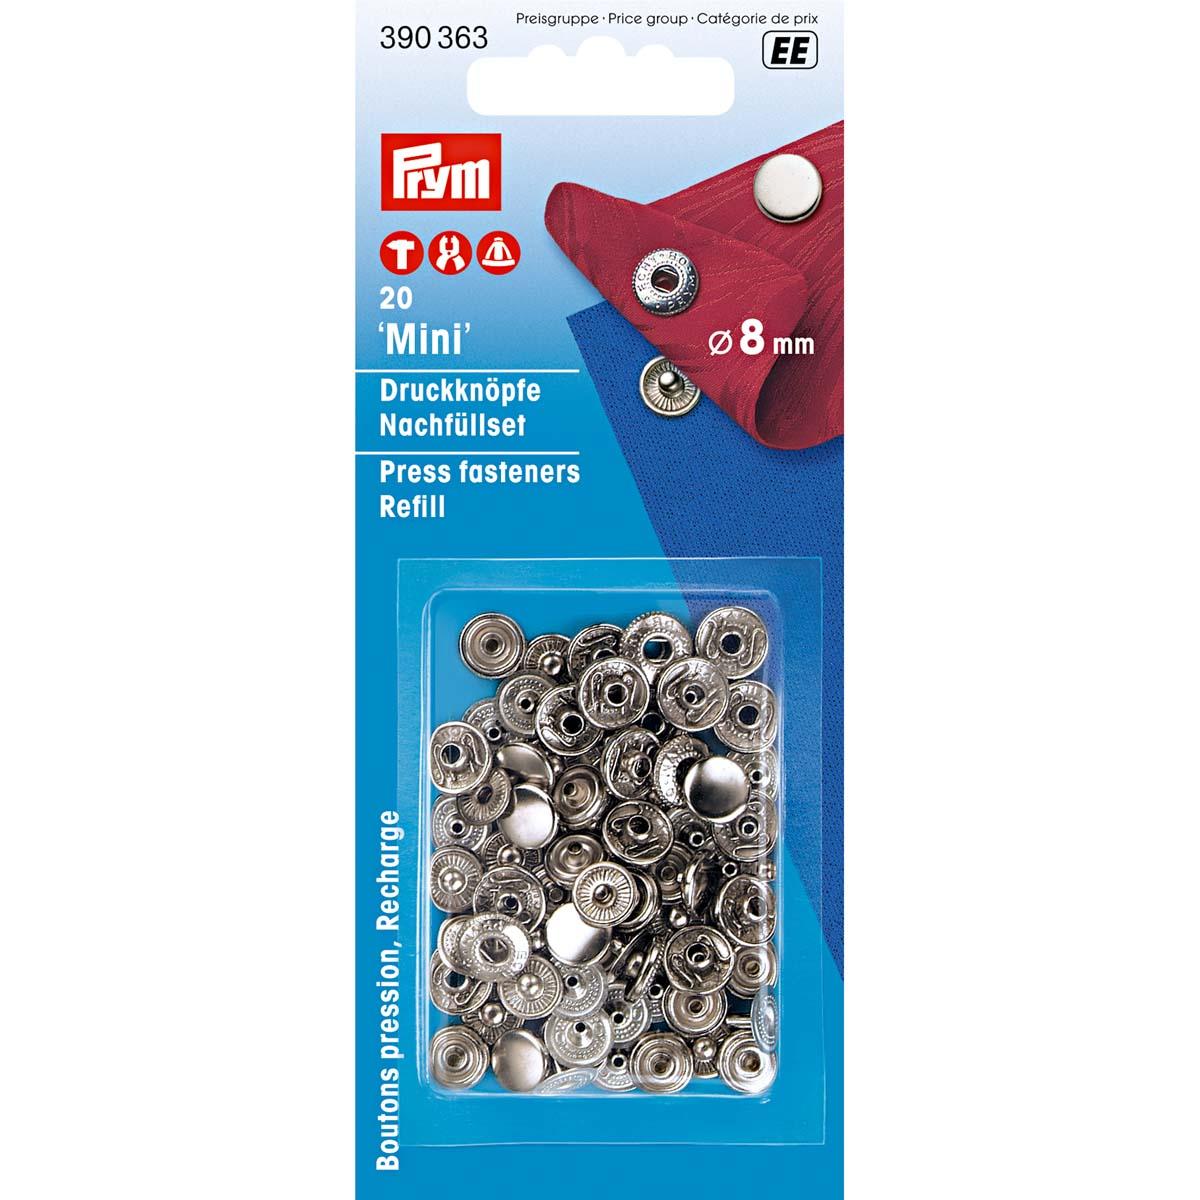 390363 Кнопки MINI (латунь) к 390360, серебристый цв. 8 мм Prym. 20шт. Prym